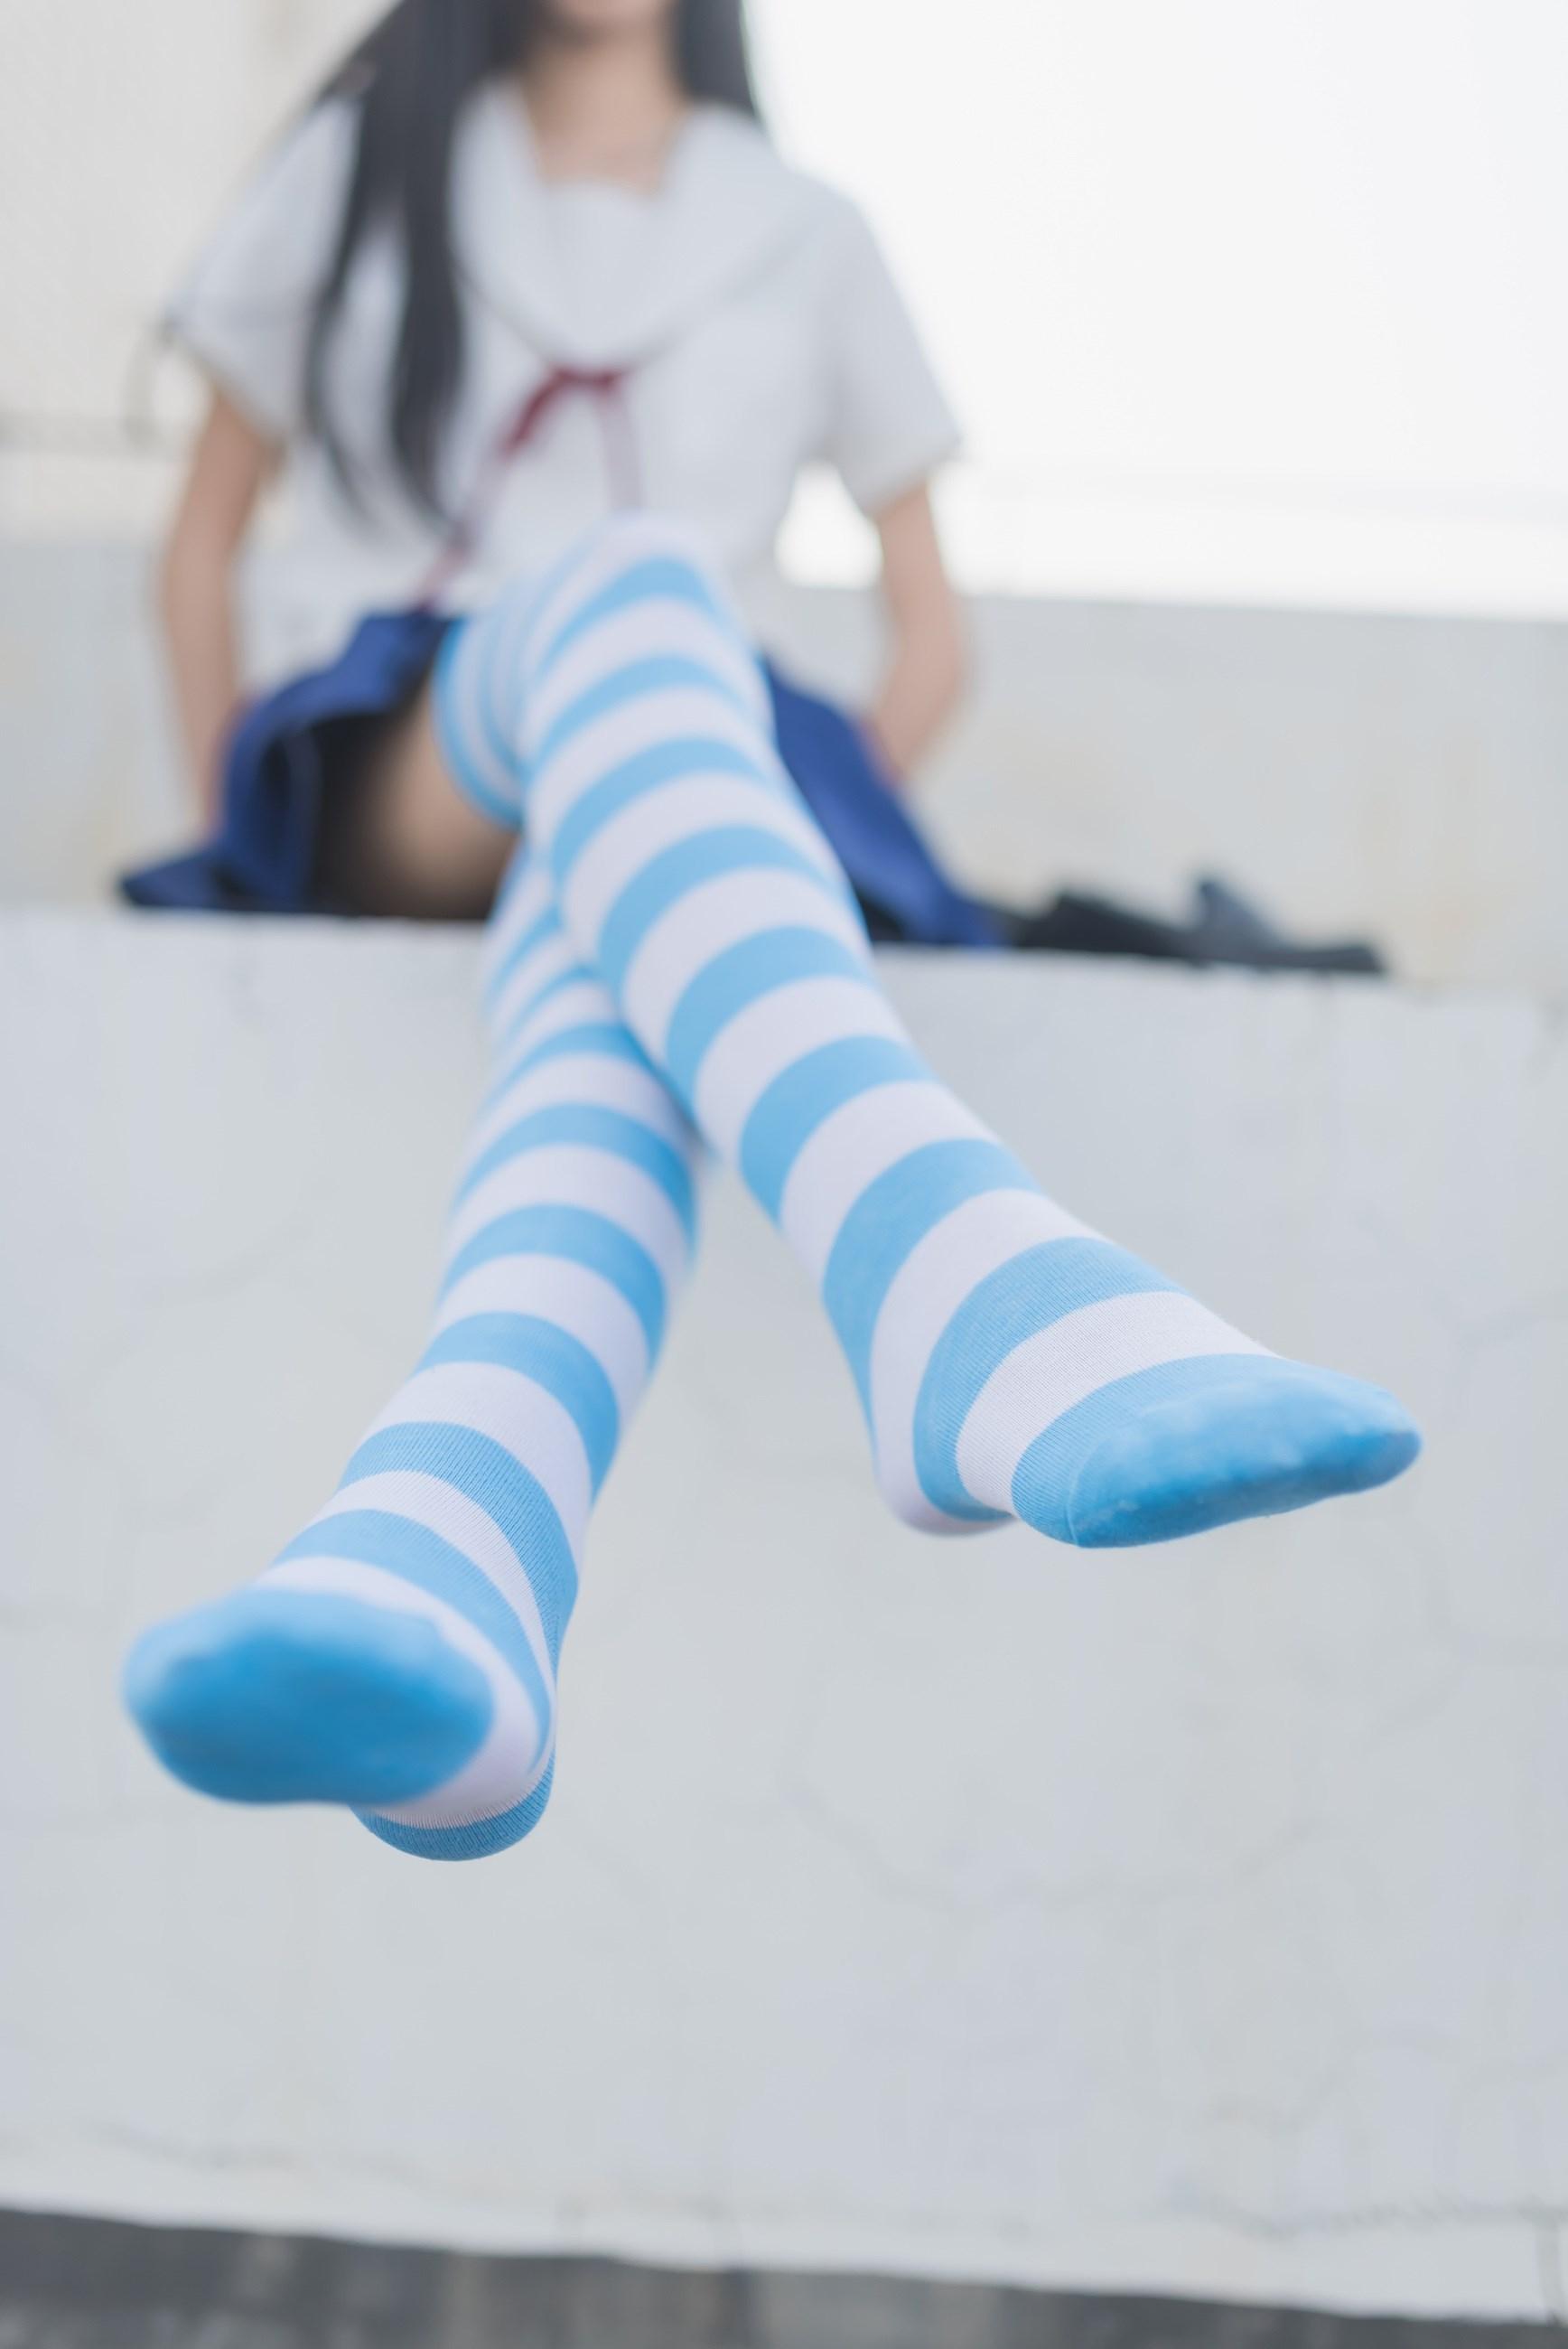 【兔玩映画】蓝白条纹的小细腿 兔玩映画 第5张